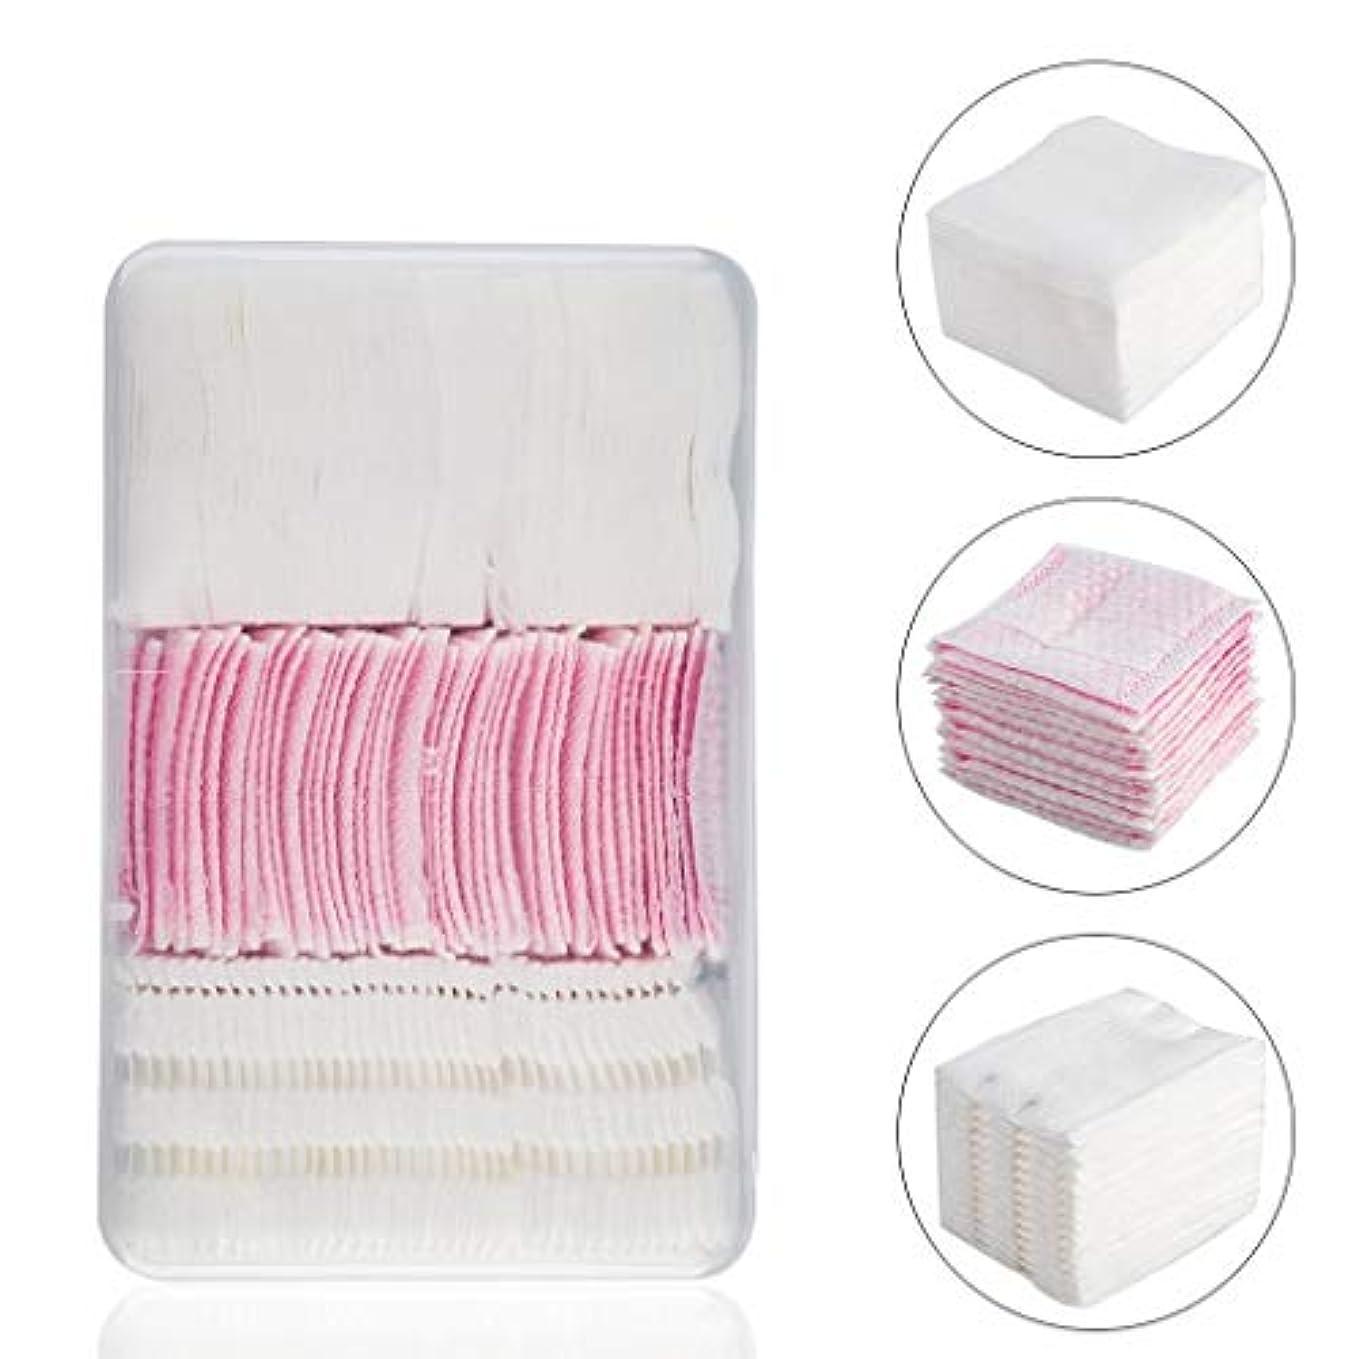 マニフェスト裁定ドロークレンジングシート コンビネーション使い捨て厚い綿パッド薄いパッドクリーニングワイパーリムーバーソフト多層クレンジングタオルタオルパッド (Color : White or Pink)